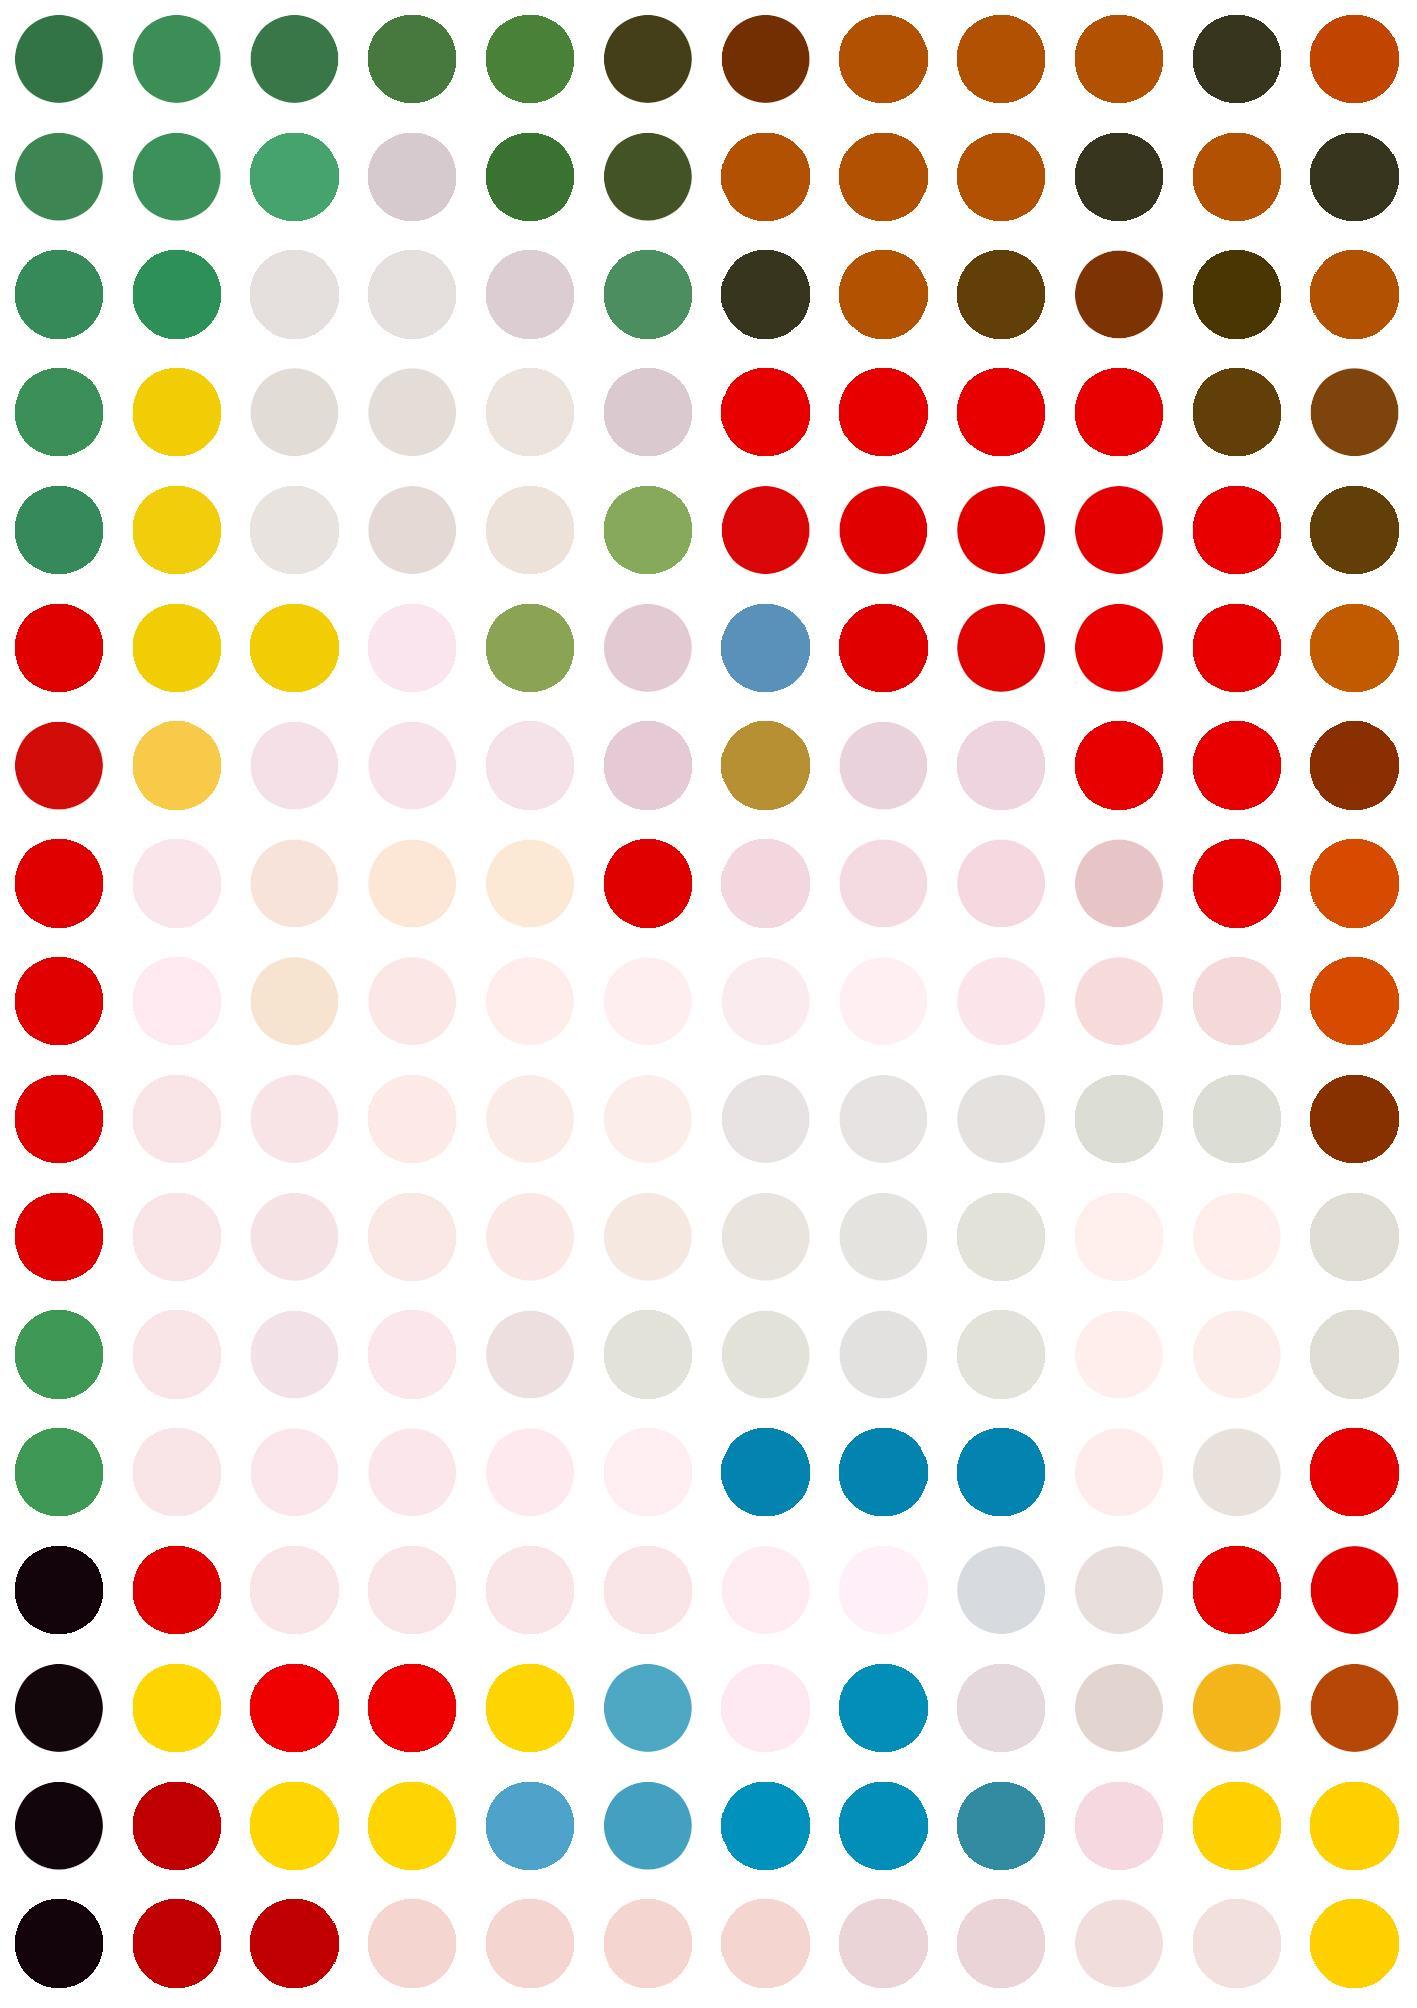 La siesta de Picasso reducida a una abstracción de lunares de colores. Una adivinanza para los amantes del arte.